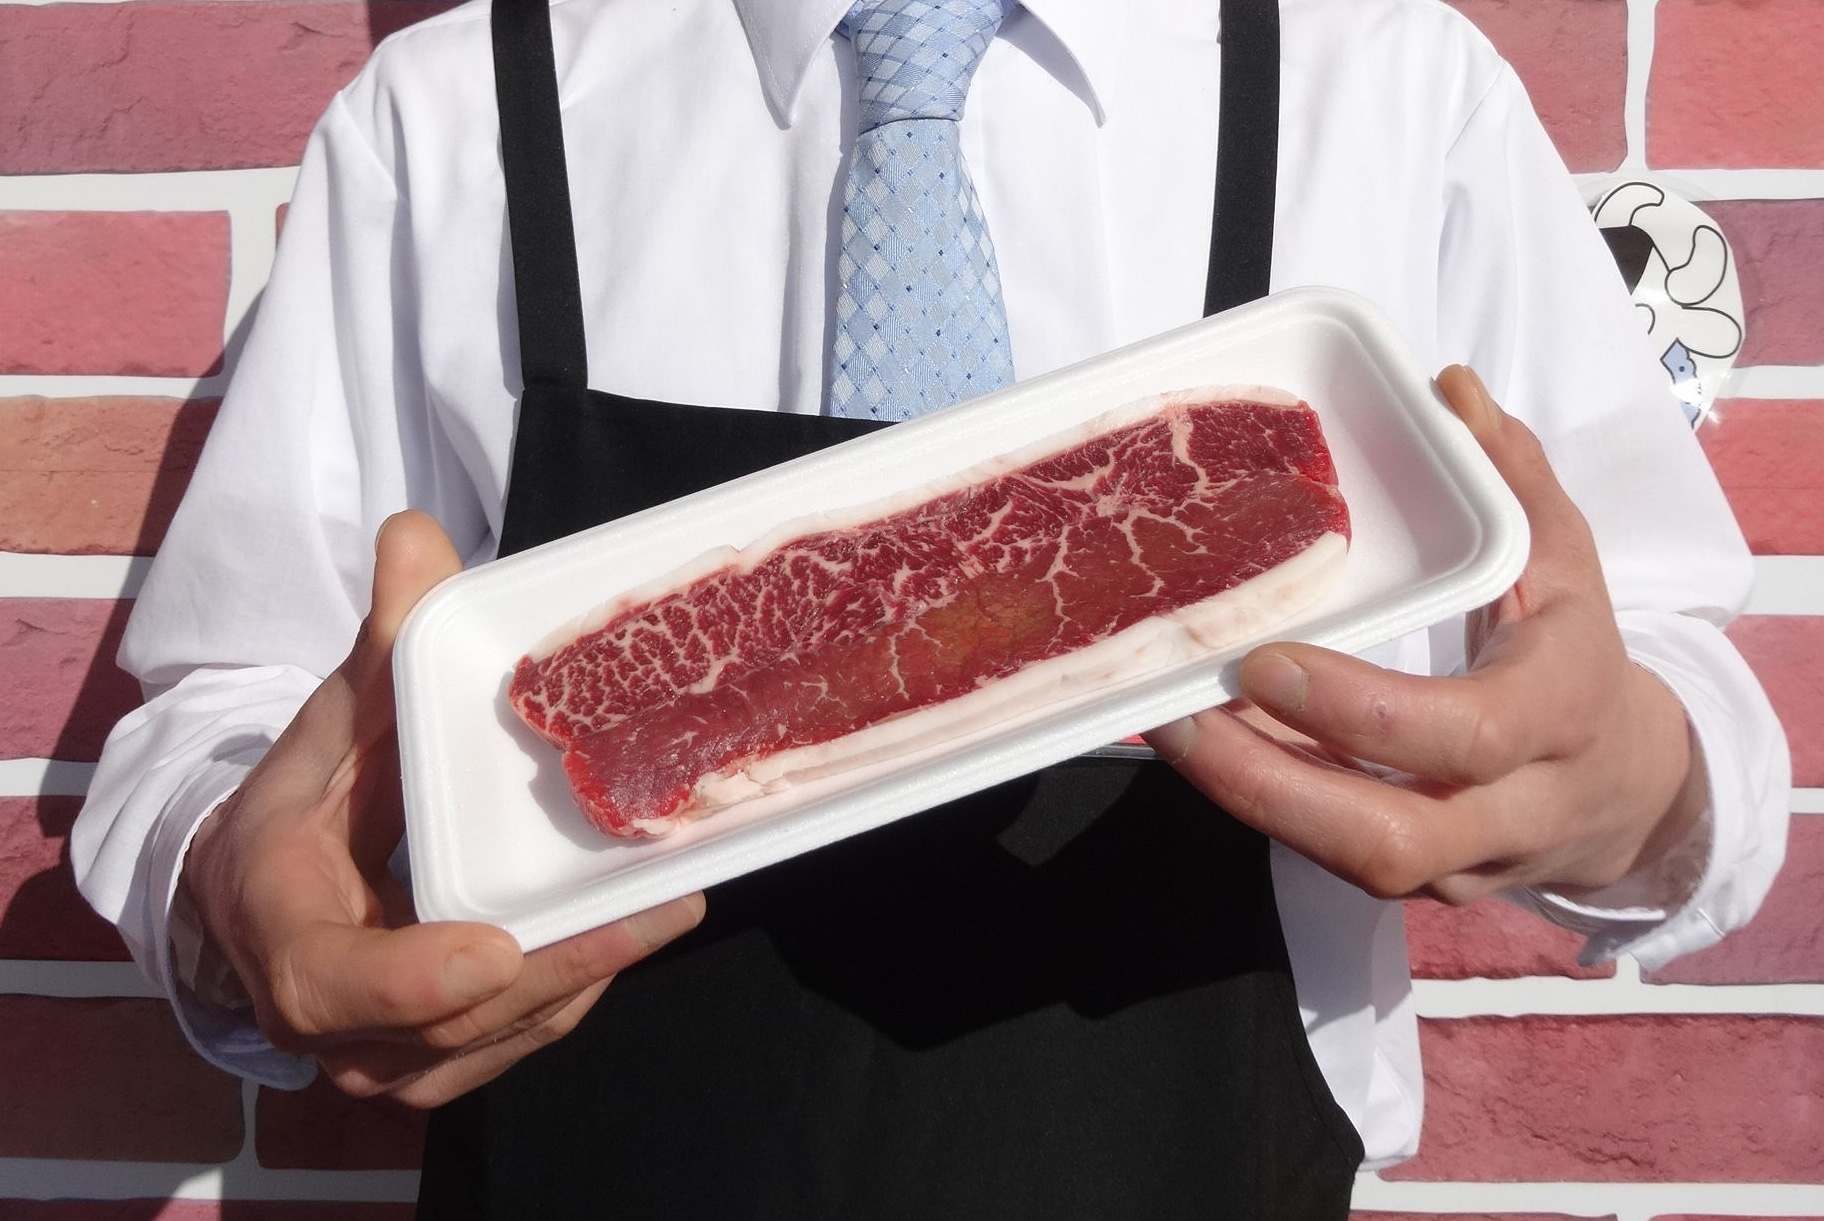 18歳選挙参加でステーキ肉プレゼント!お肉のスーパーやまむらや